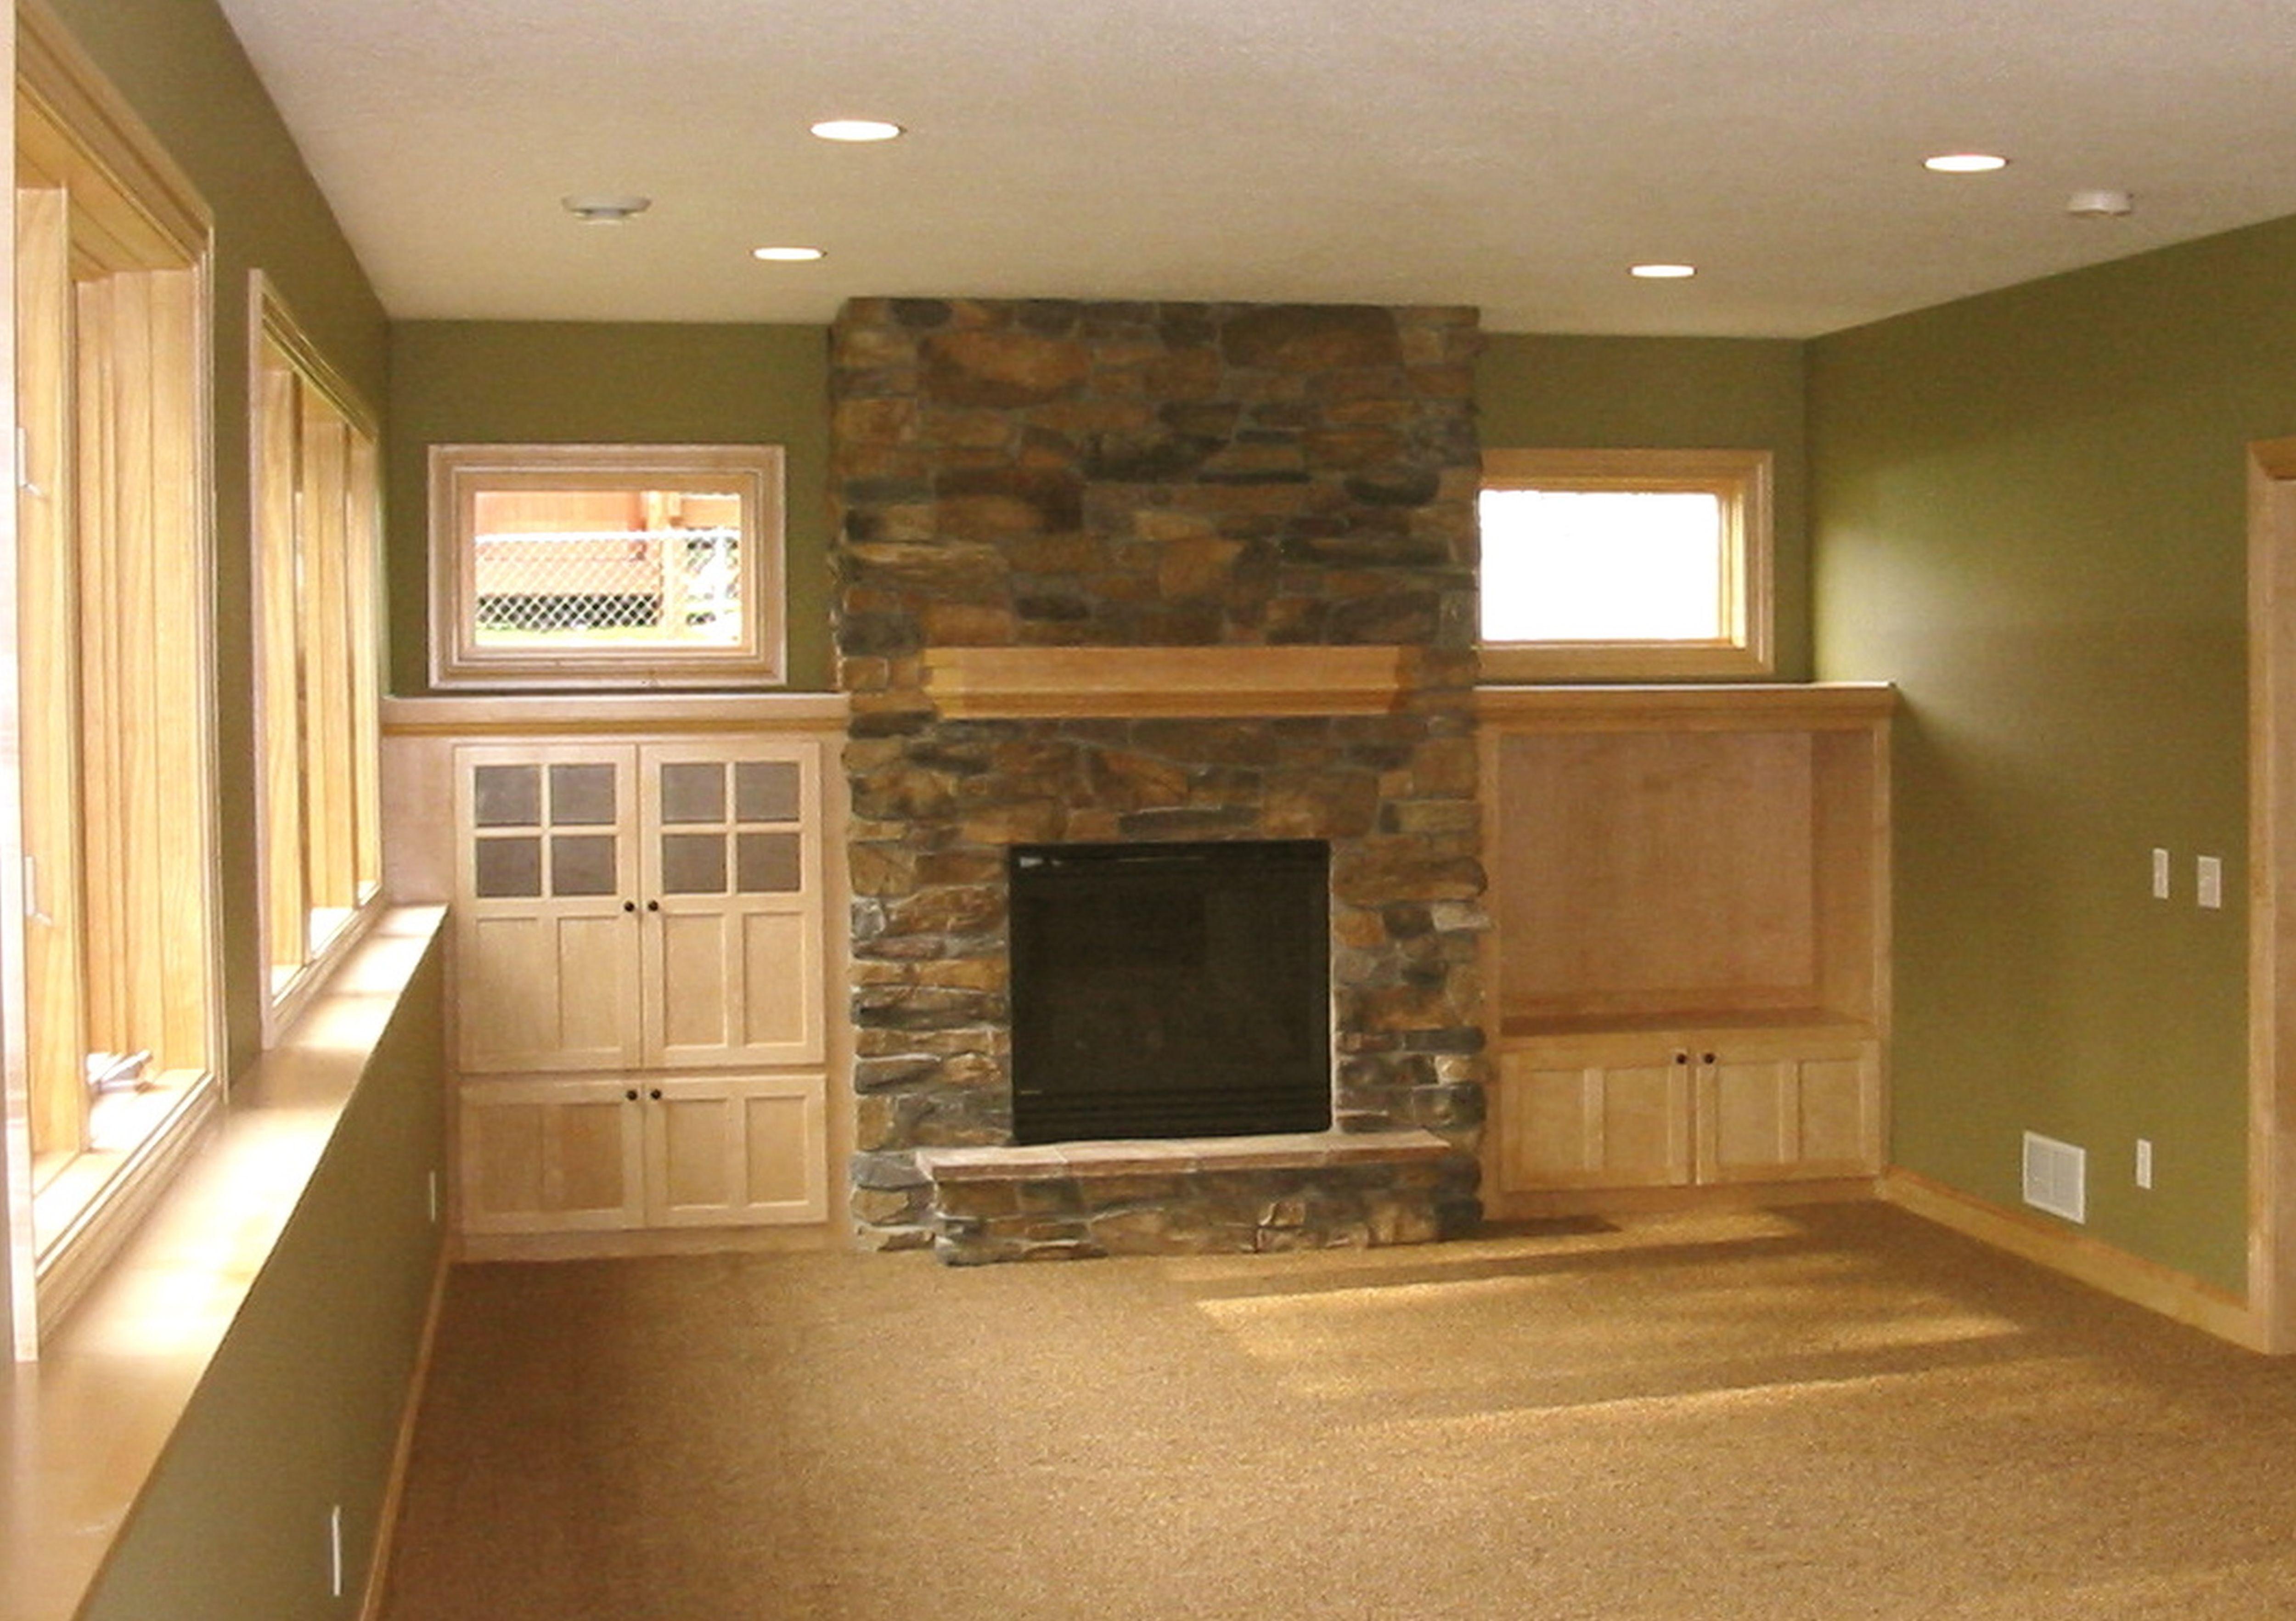 basement remodel ideas plans photo - 8